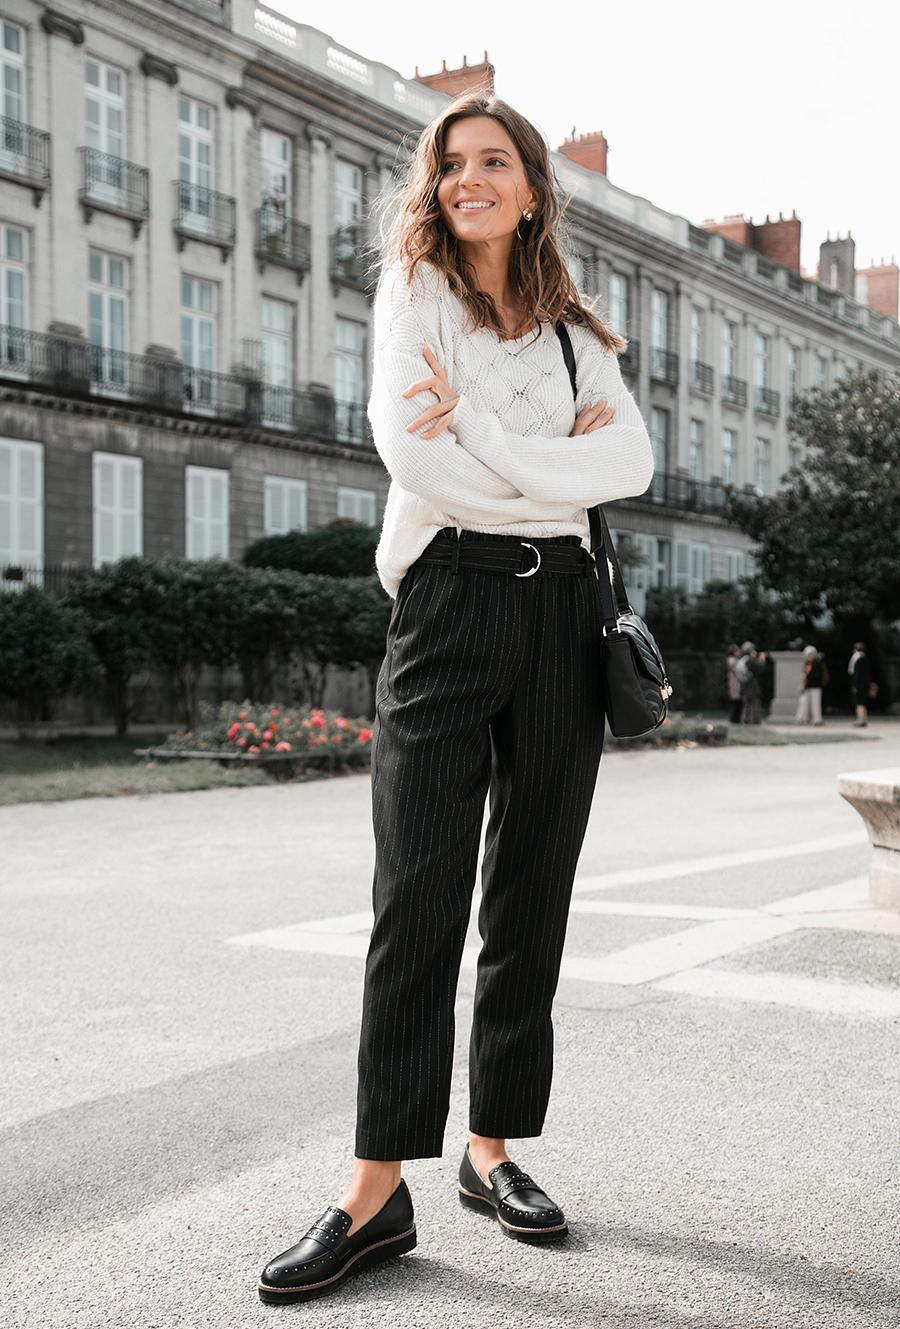 Mademoiselle Parisienne